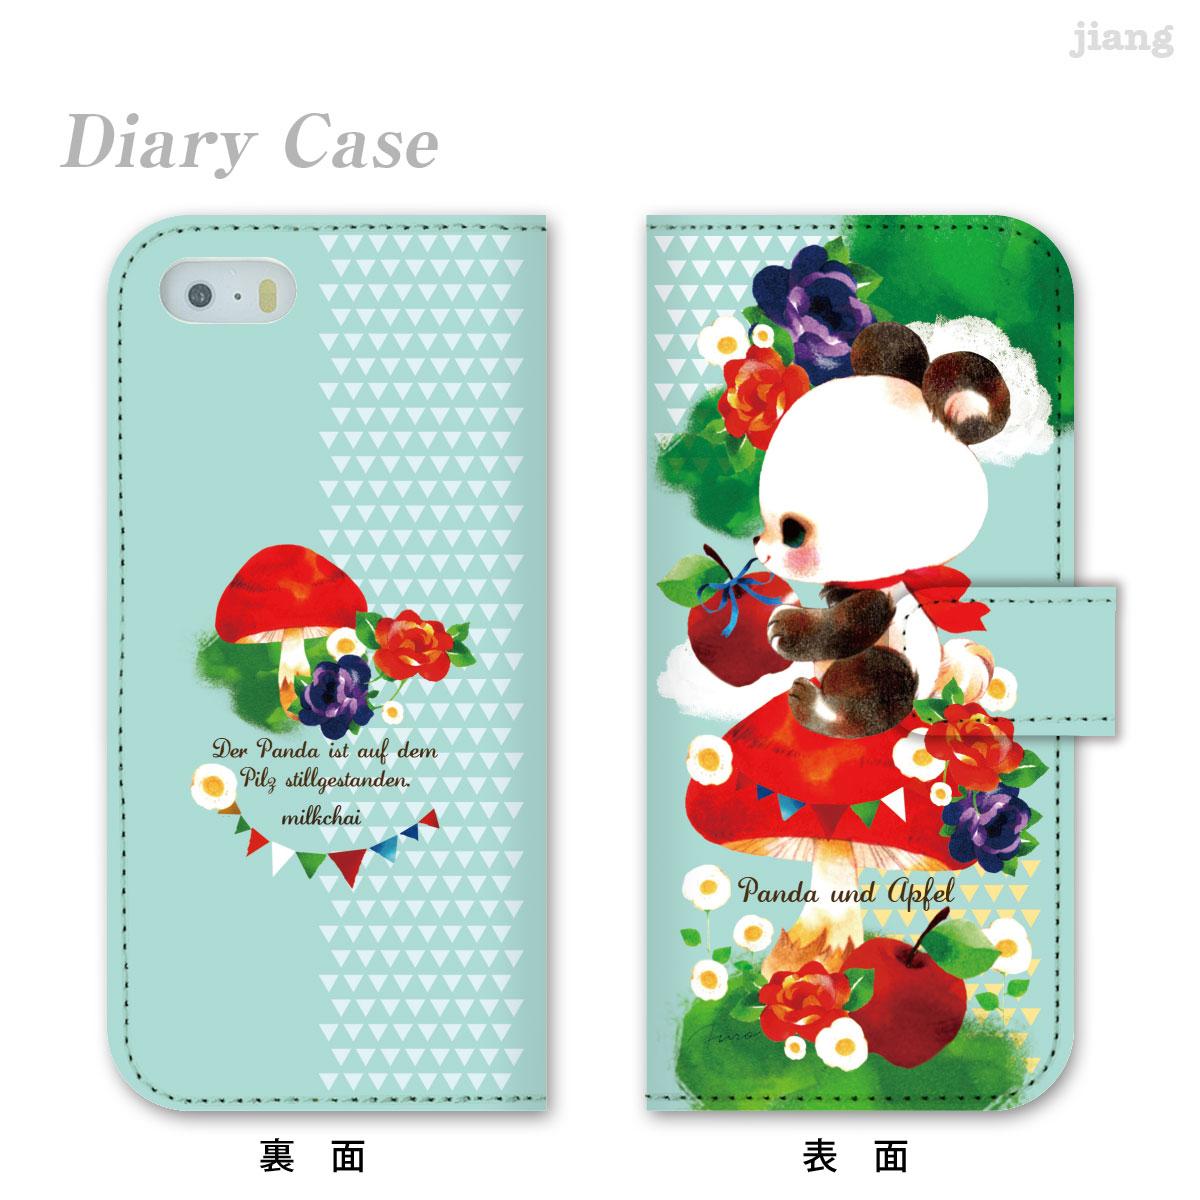 スマホケース 手帳型 全機種対応 手帳 ケース カバー iPhoneX iPhone8 ケース iPhone7ケース iPhone7 iPhone6s Plus iPhone SE Xperia XZ2 SO-03K SO-05K XZ1 SO-01K XZ SO-04J XZs aquos R2 sh-04k R sh-03k arrows galaxy S9 S8 milk chai パンダとキノコ 30-ip5-ds0011